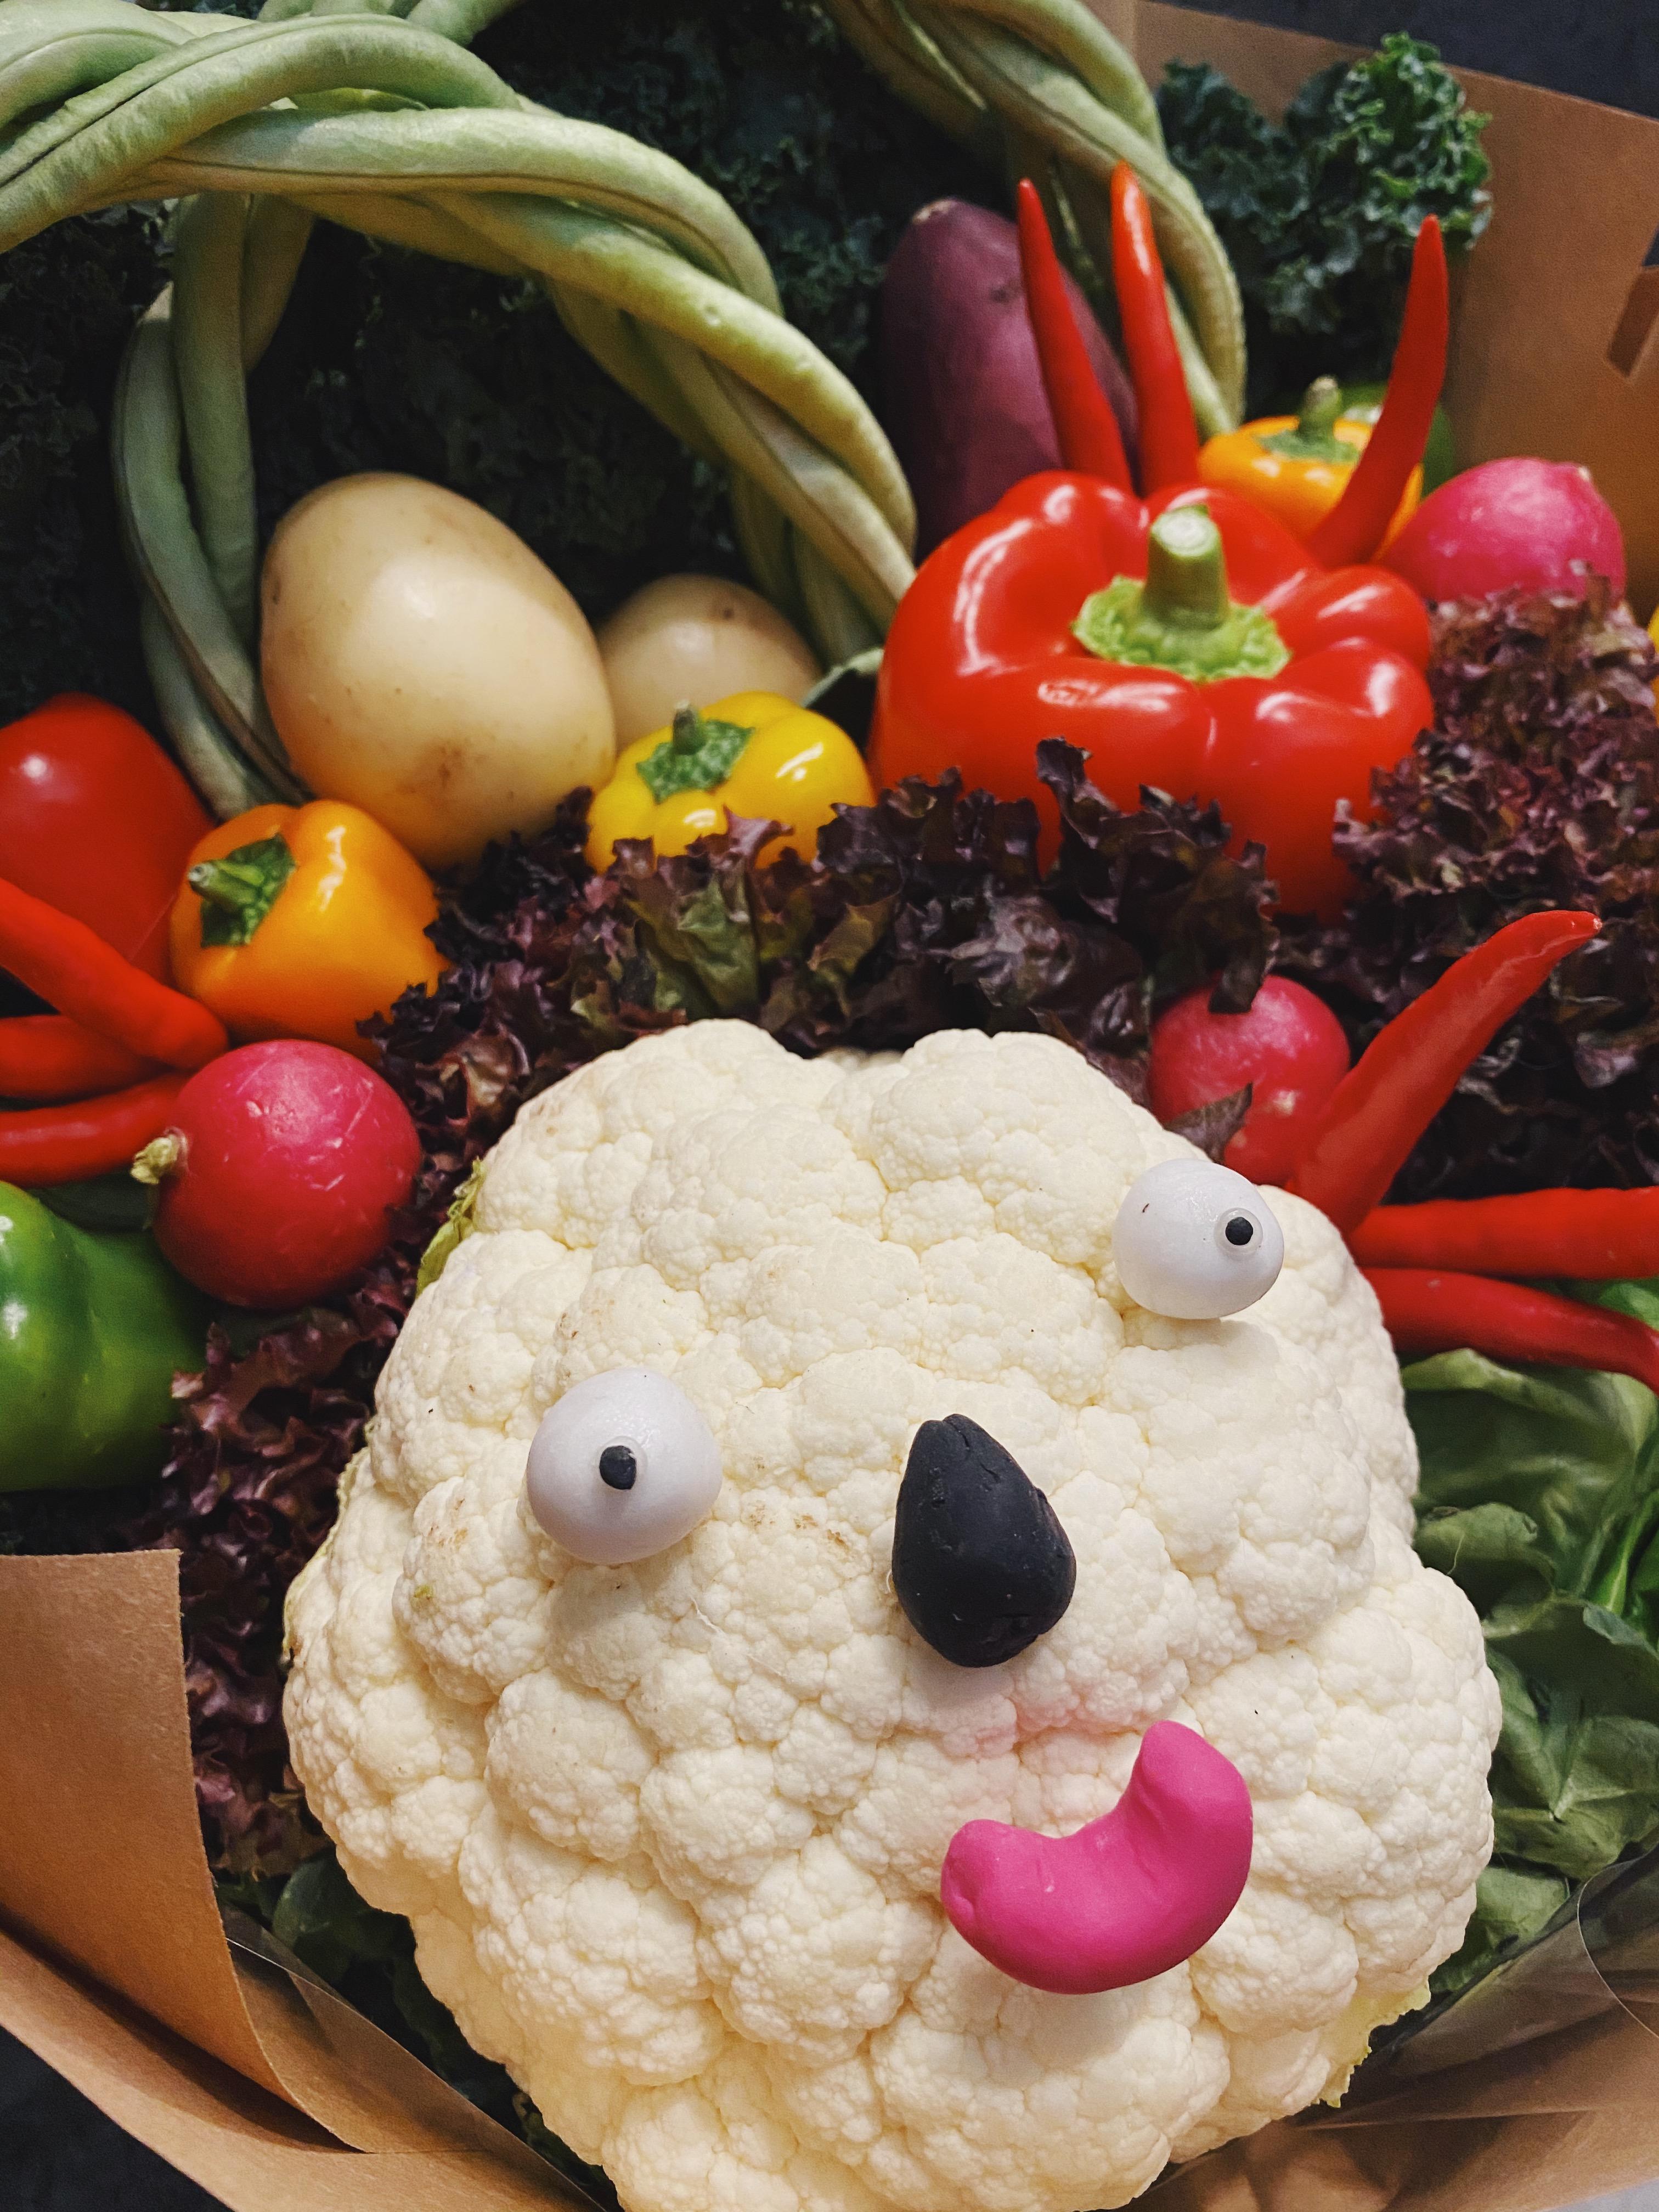 Smiley cauliflower